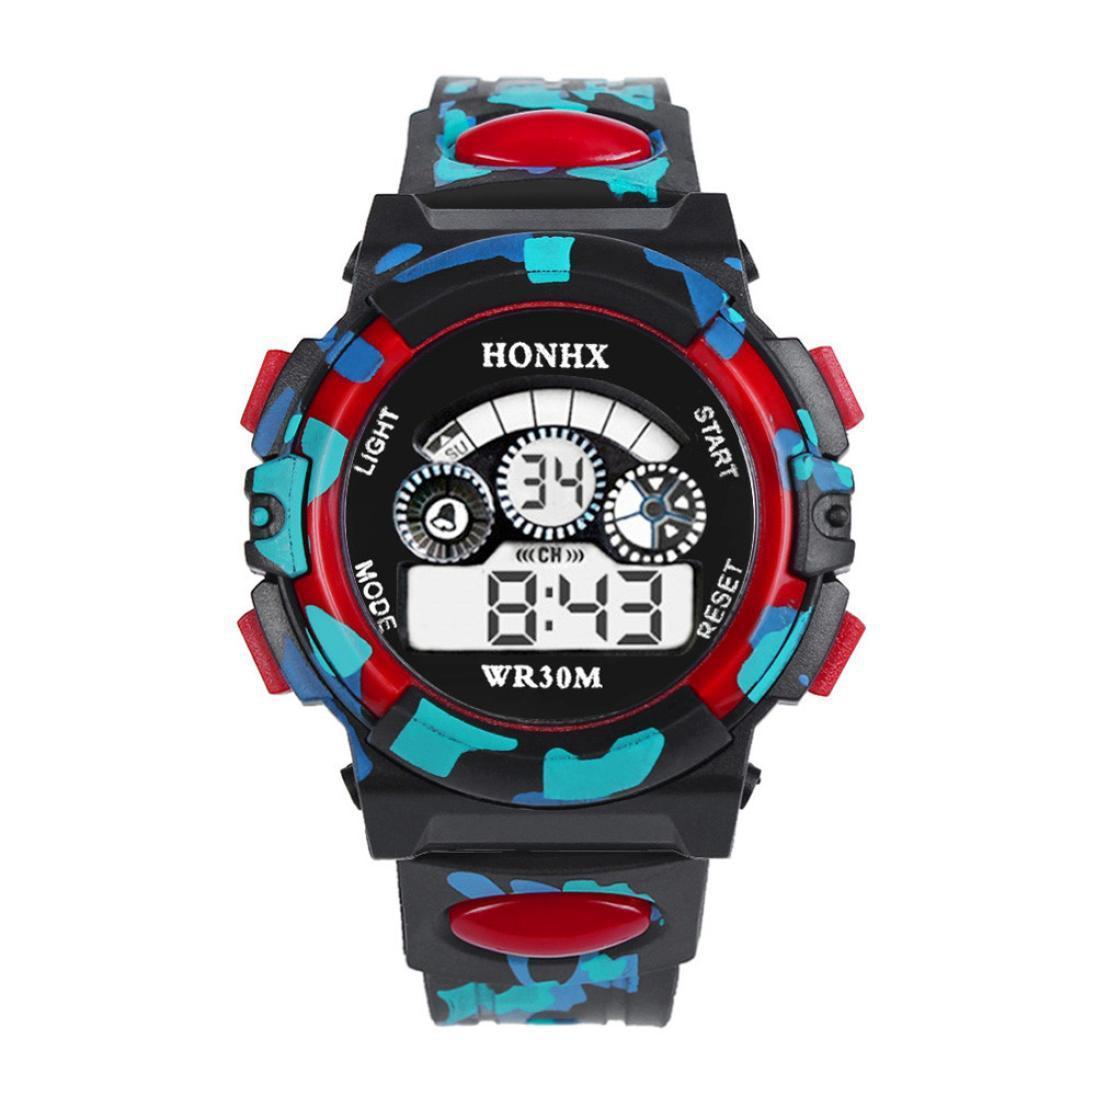 Junge Mädchen Studenten Sport leuchtet digitale elektronische Uhren für Kinder Kinder im Freien Geschenk Armbanduhr Tarnung